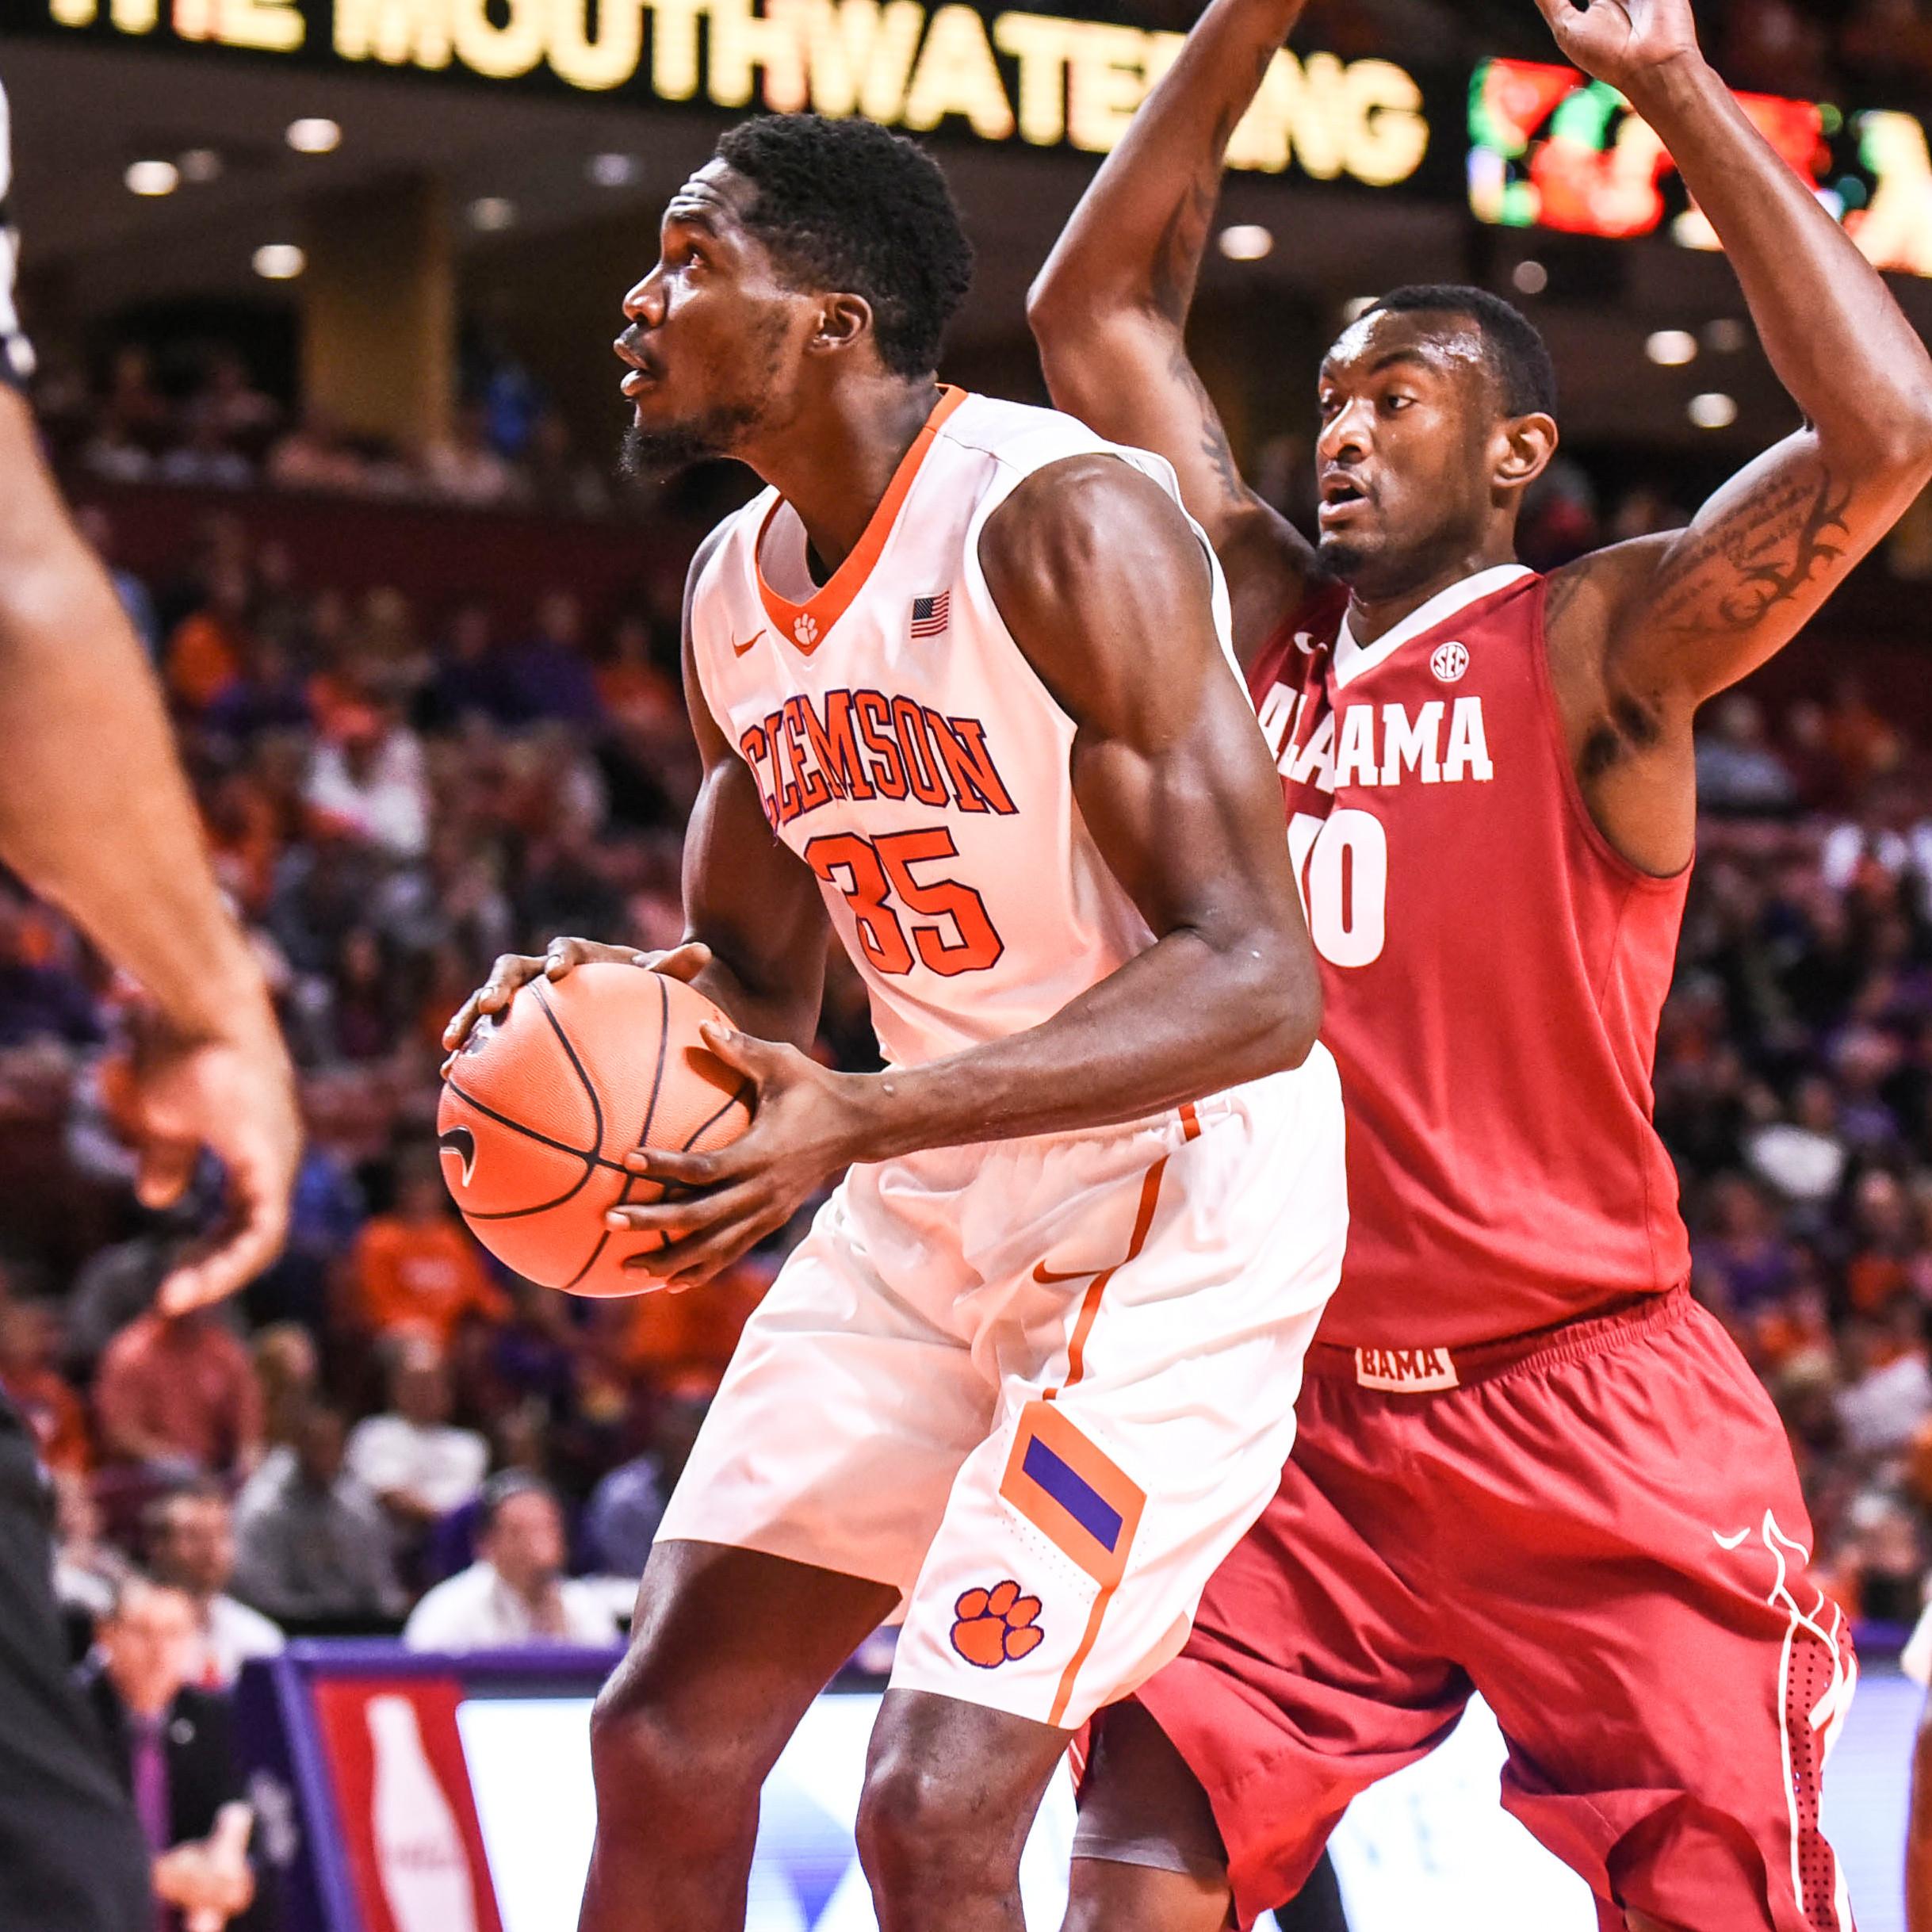 Tigers Drop Tough One to Alabama, 51-50